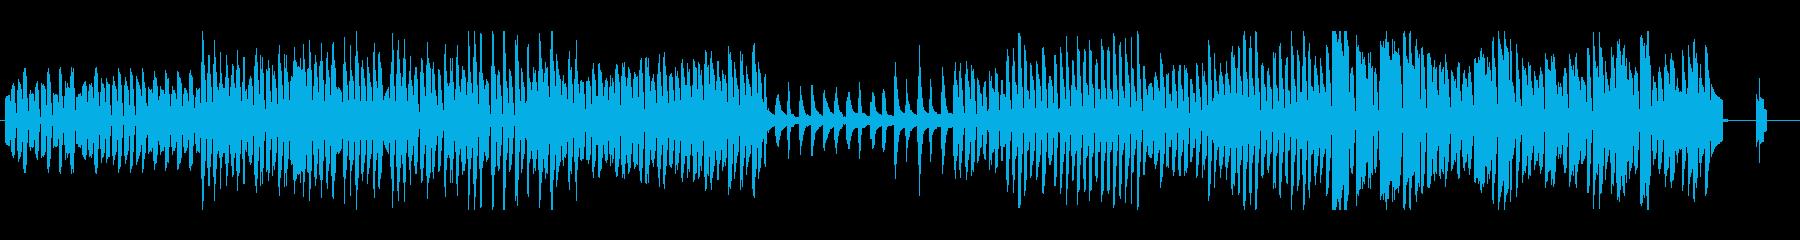 アップテンポでコミカルな早送りの再生済みの波形